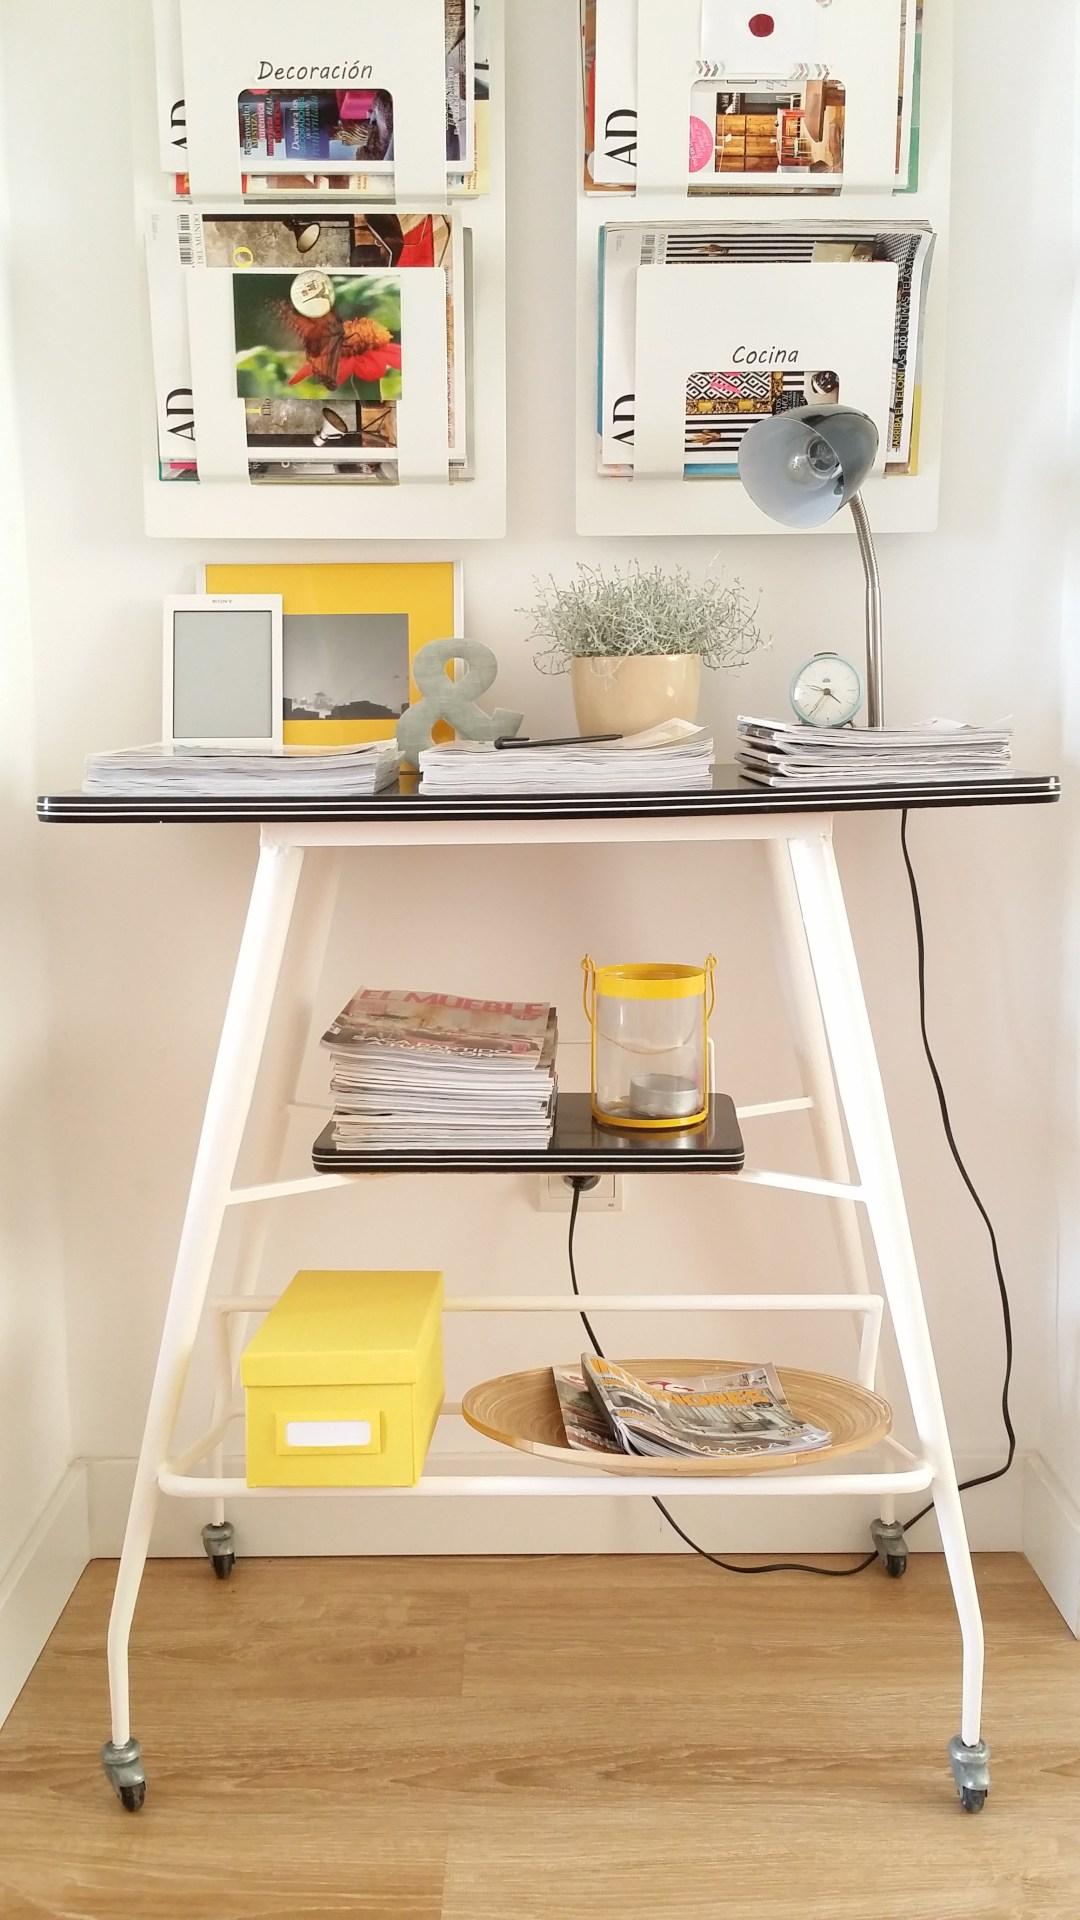 Diy mueble de tele de casi 50 a os convertido en bonito - Mueble estilo nordico ...